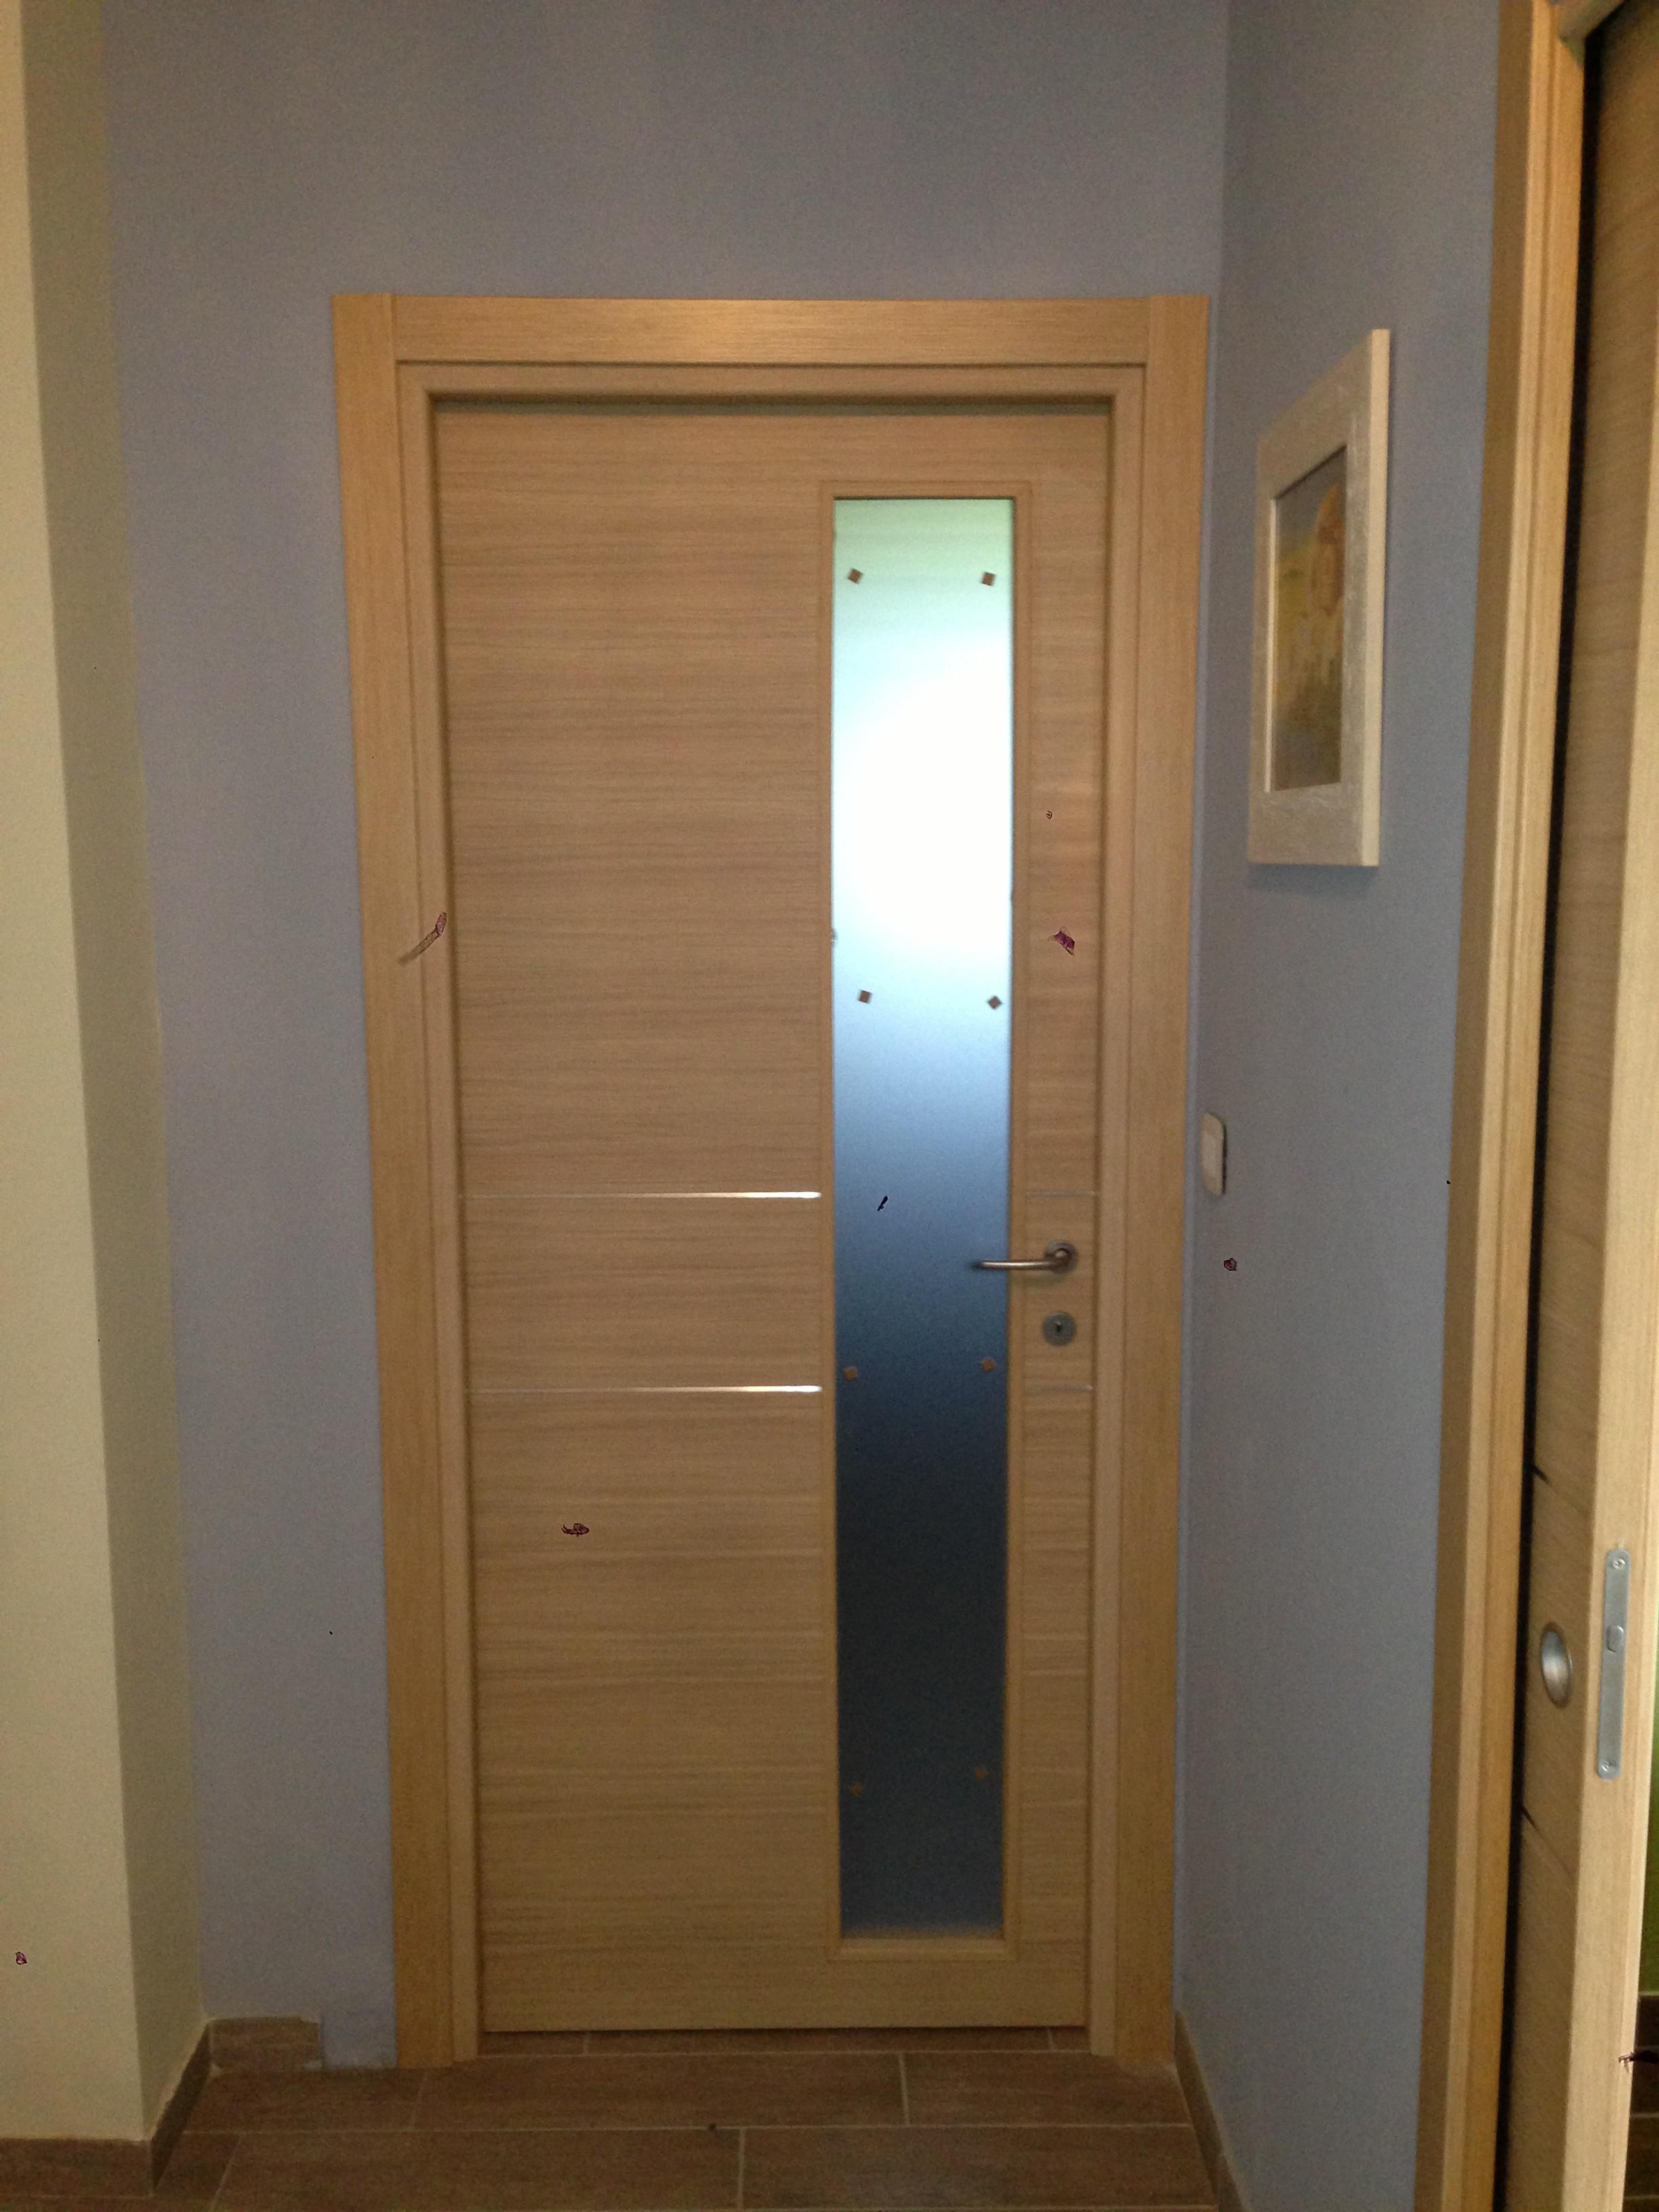 Fornitura e montaggio di porte interne : Arredamenti Agostino